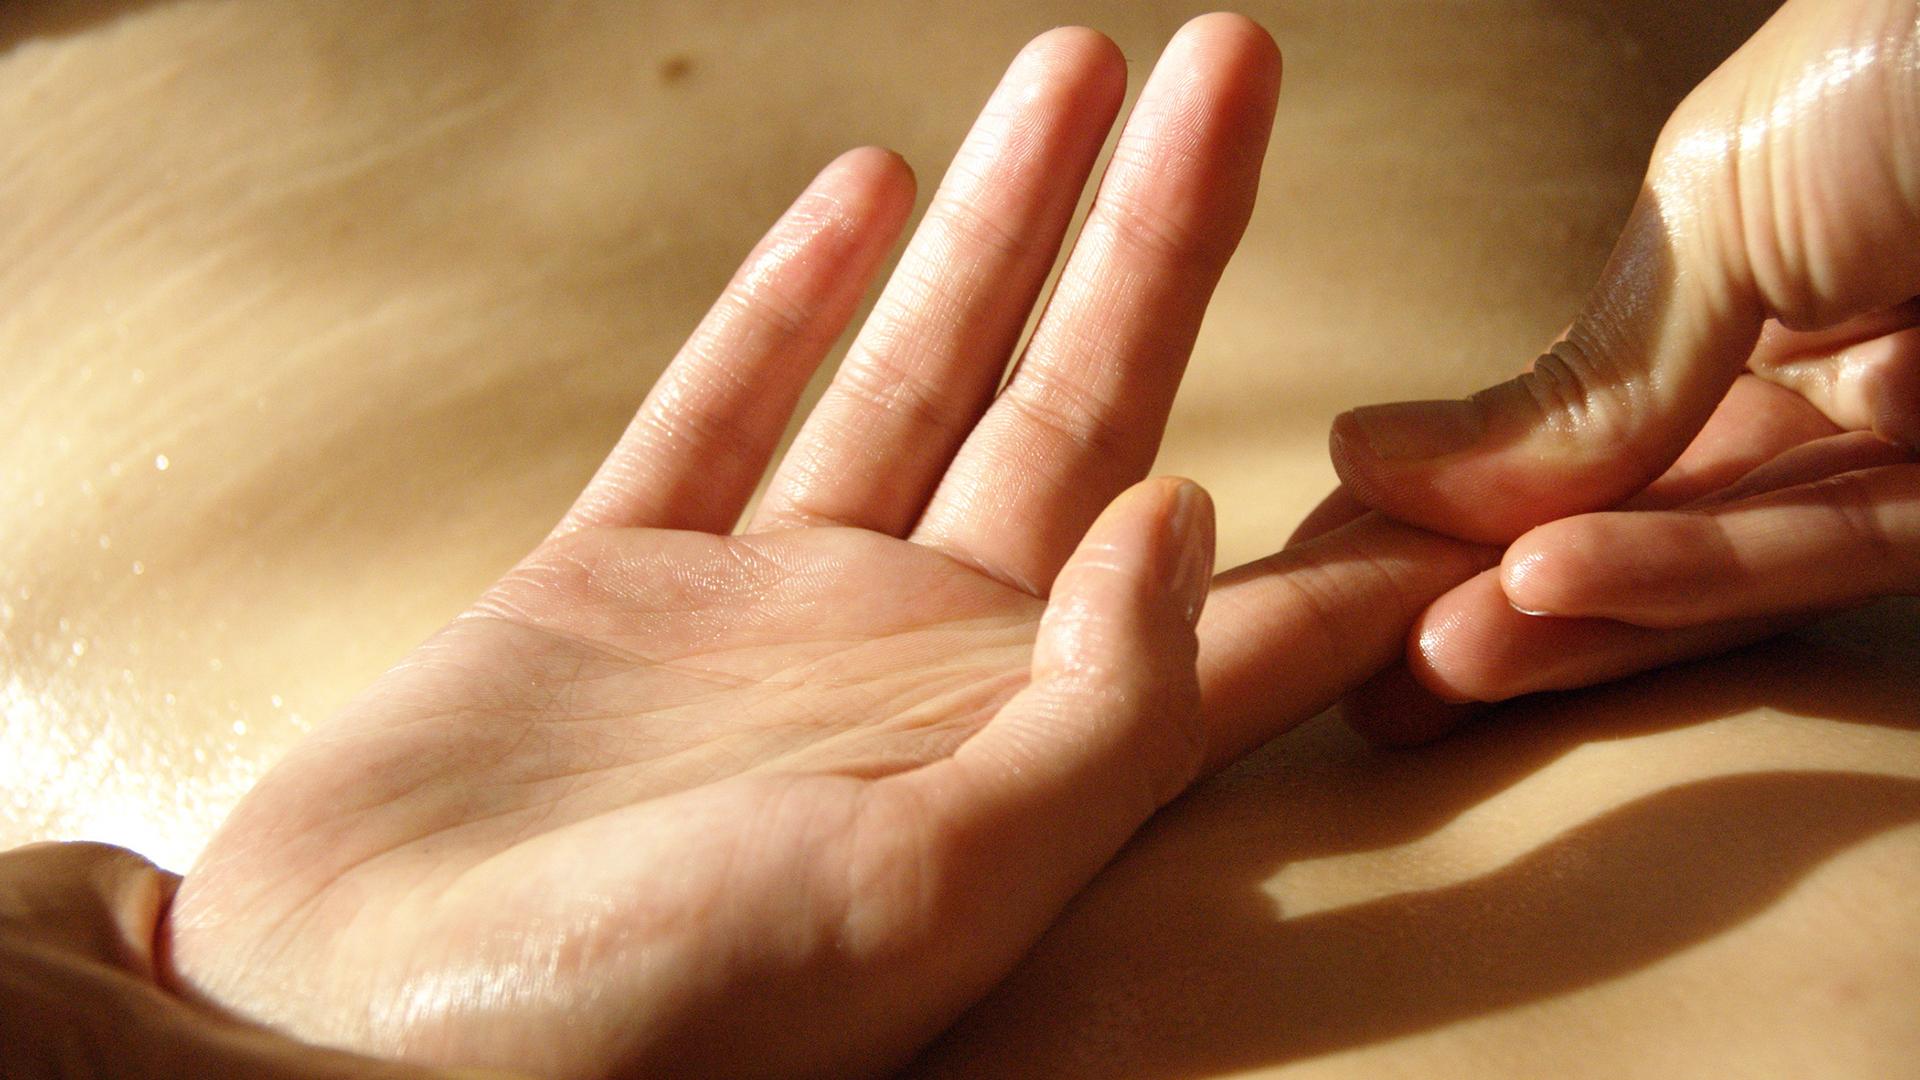 articulațiile degetelor mâinilor unui masaj durere de gleznă, dar nu articulație